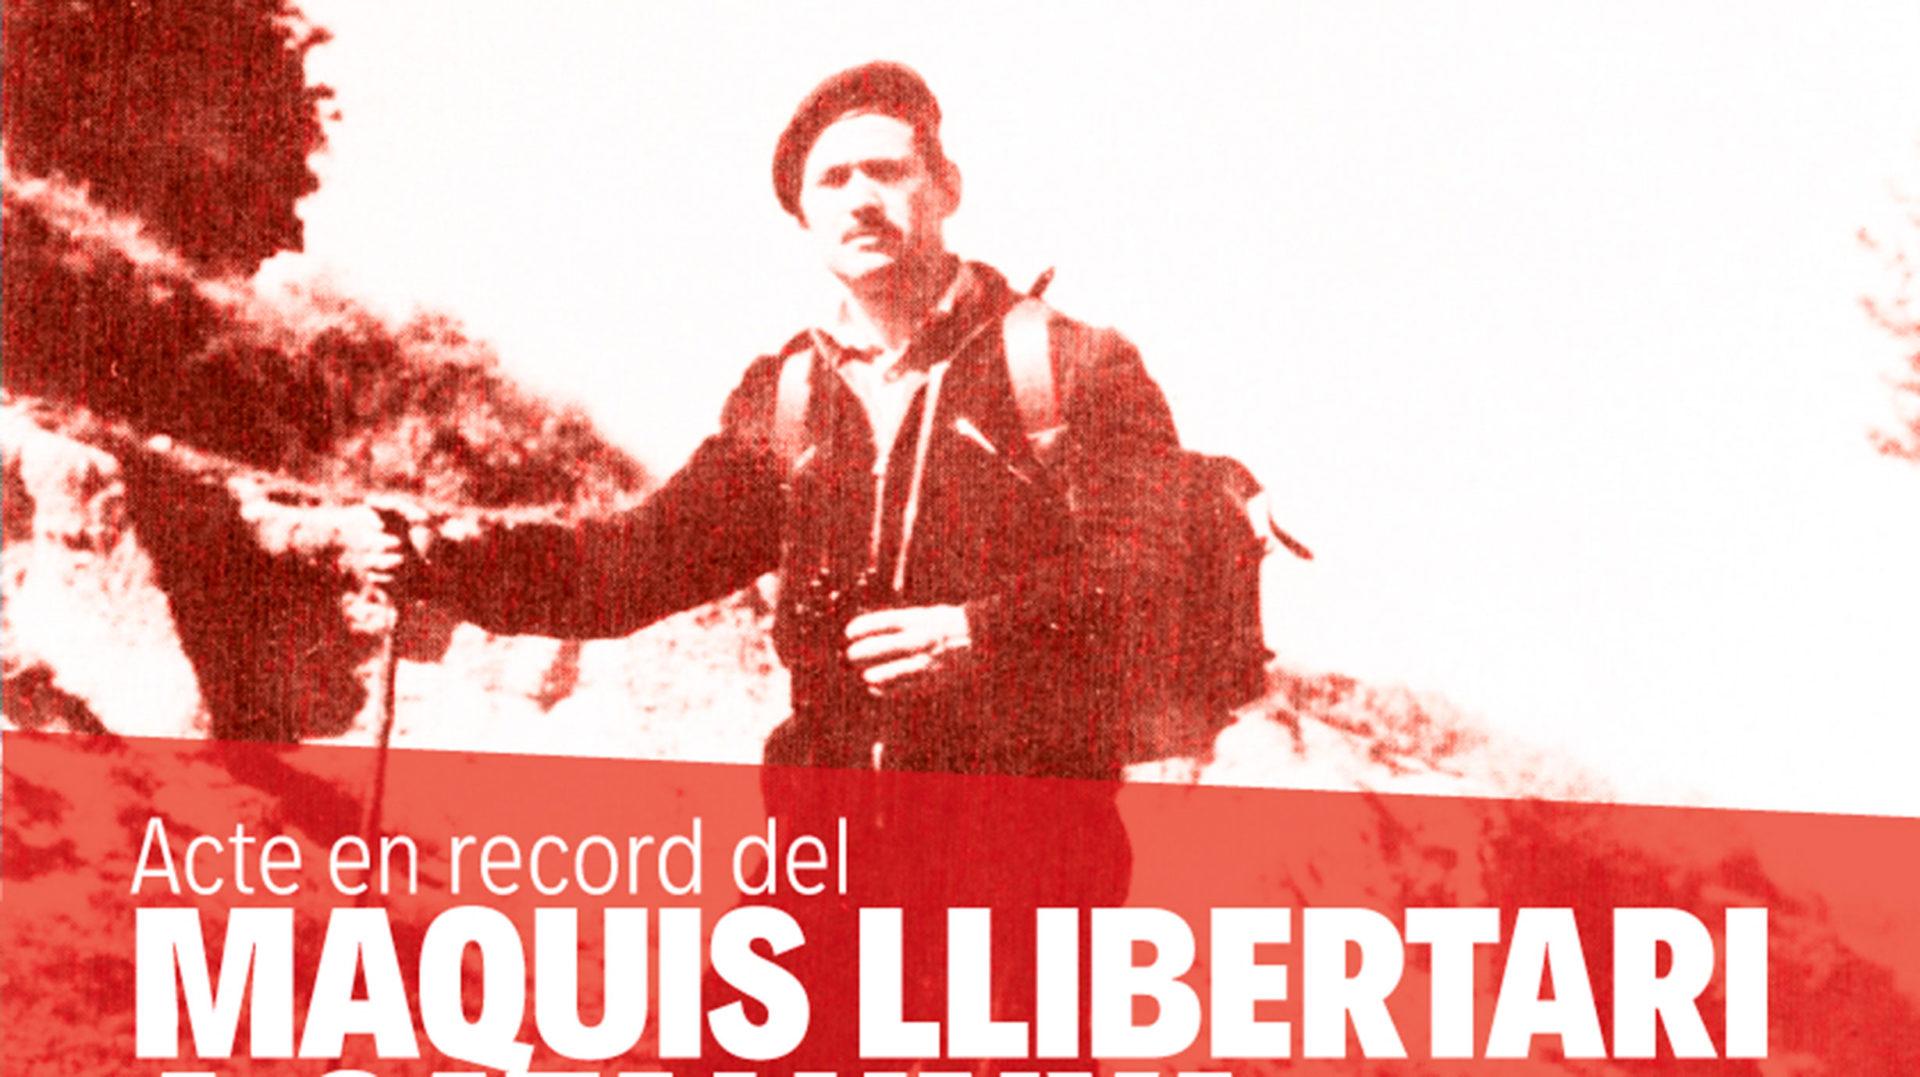 Acte en record dels Maquis Llibertari a Catalunya